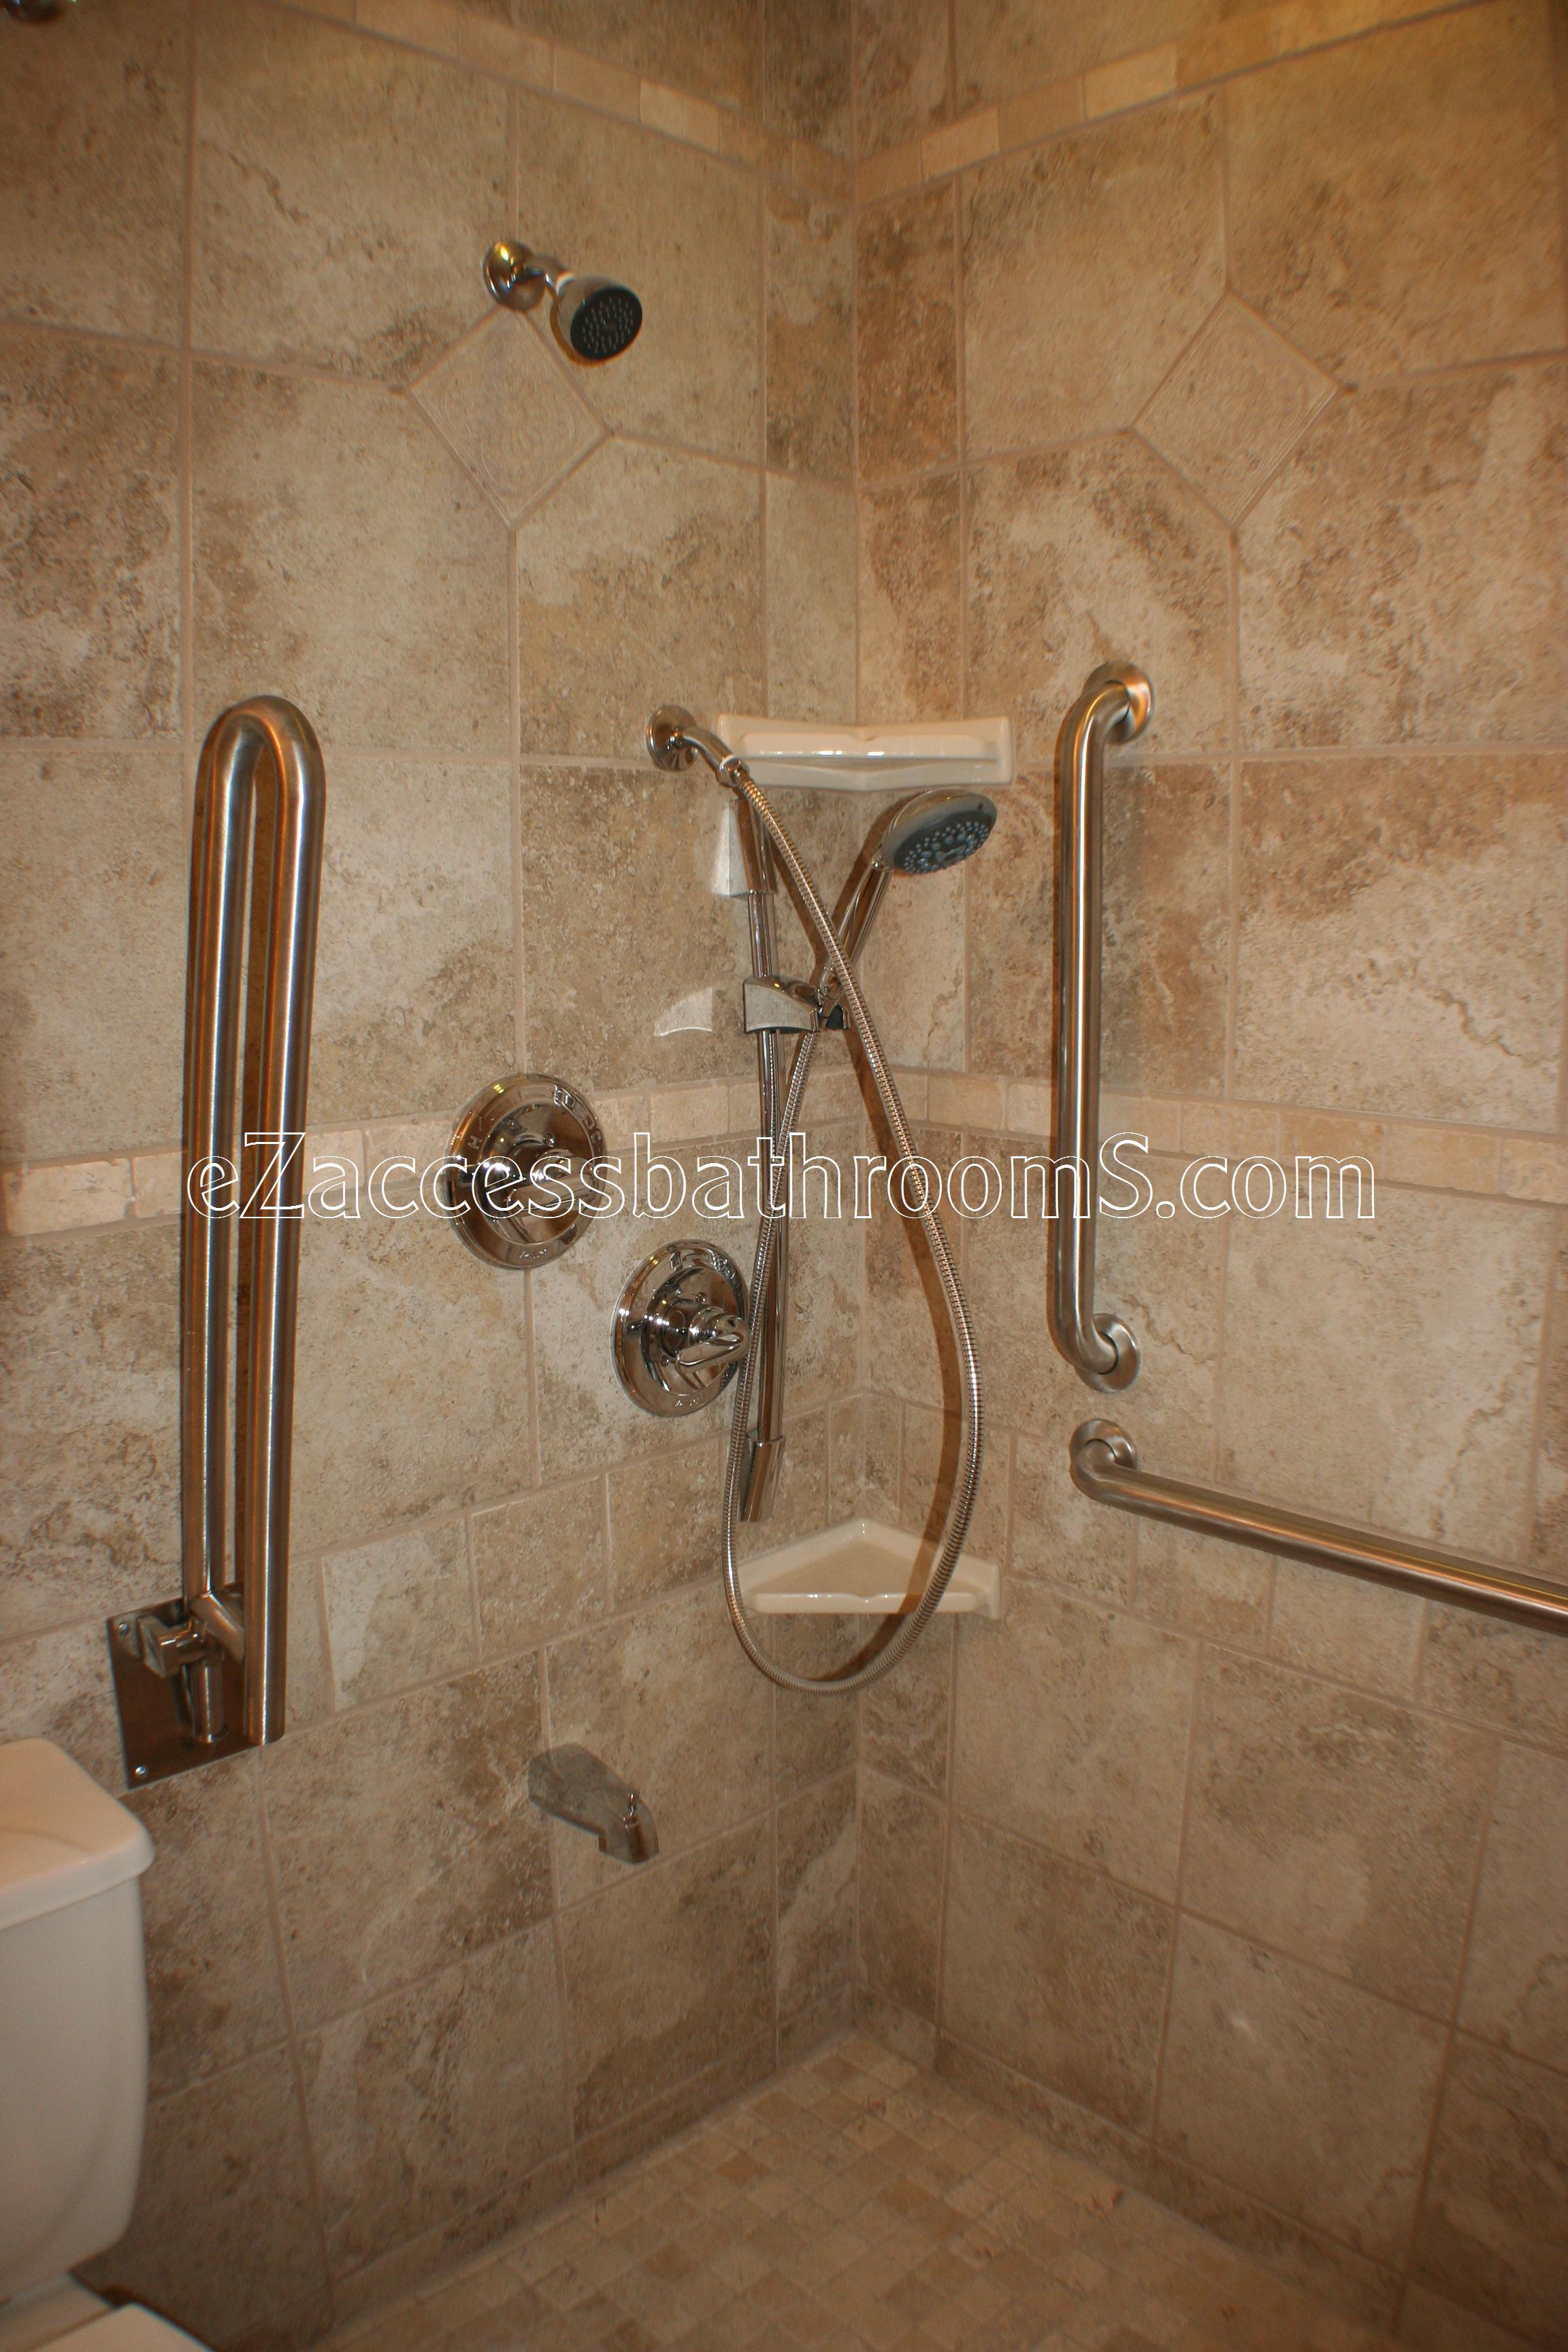 handicap bathroom 01 ezacessbathrooms.com 018.jpg